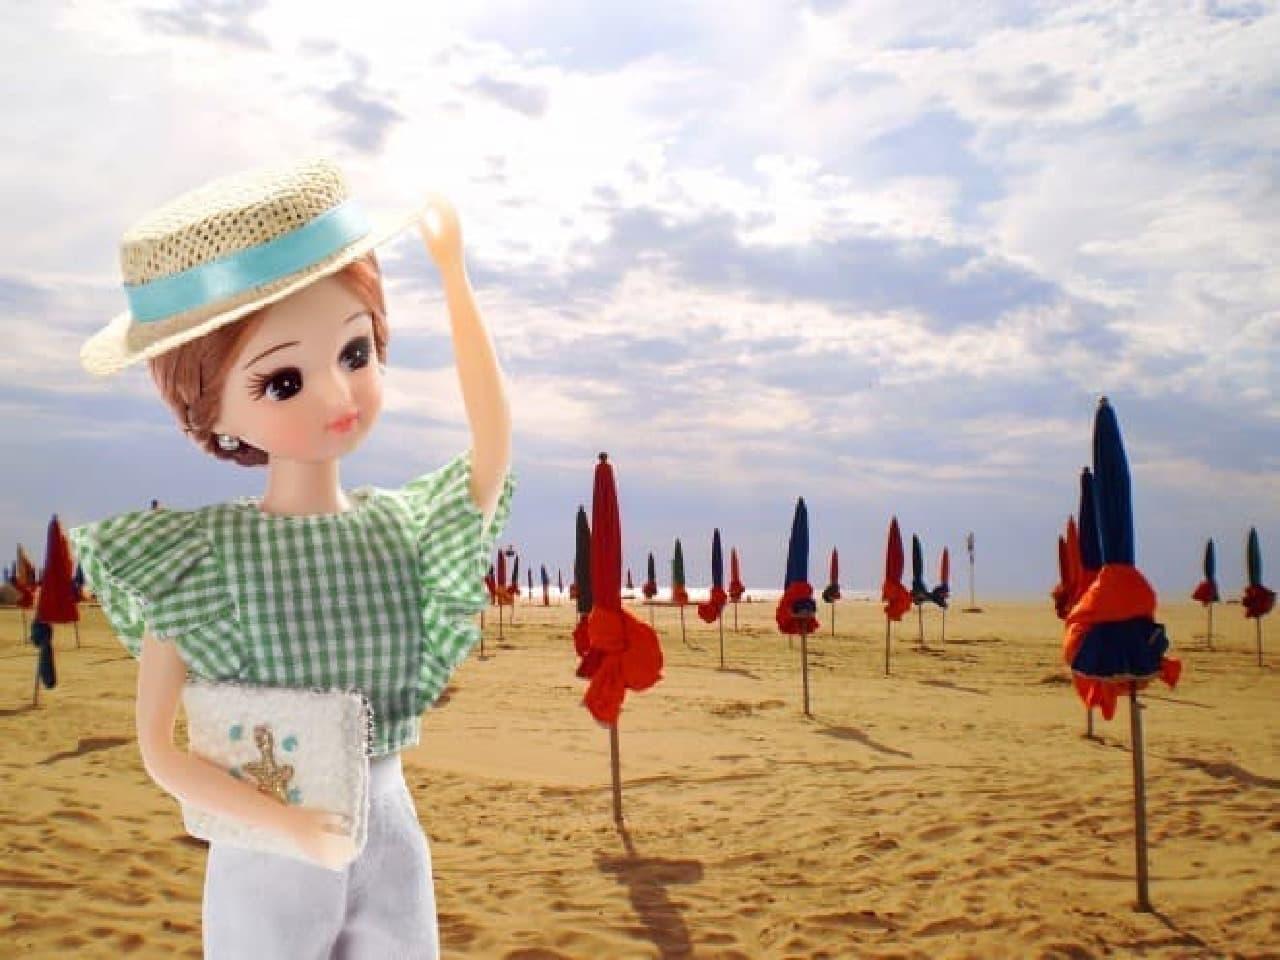 「フランス観光親善大使」に就任したリカちゃん